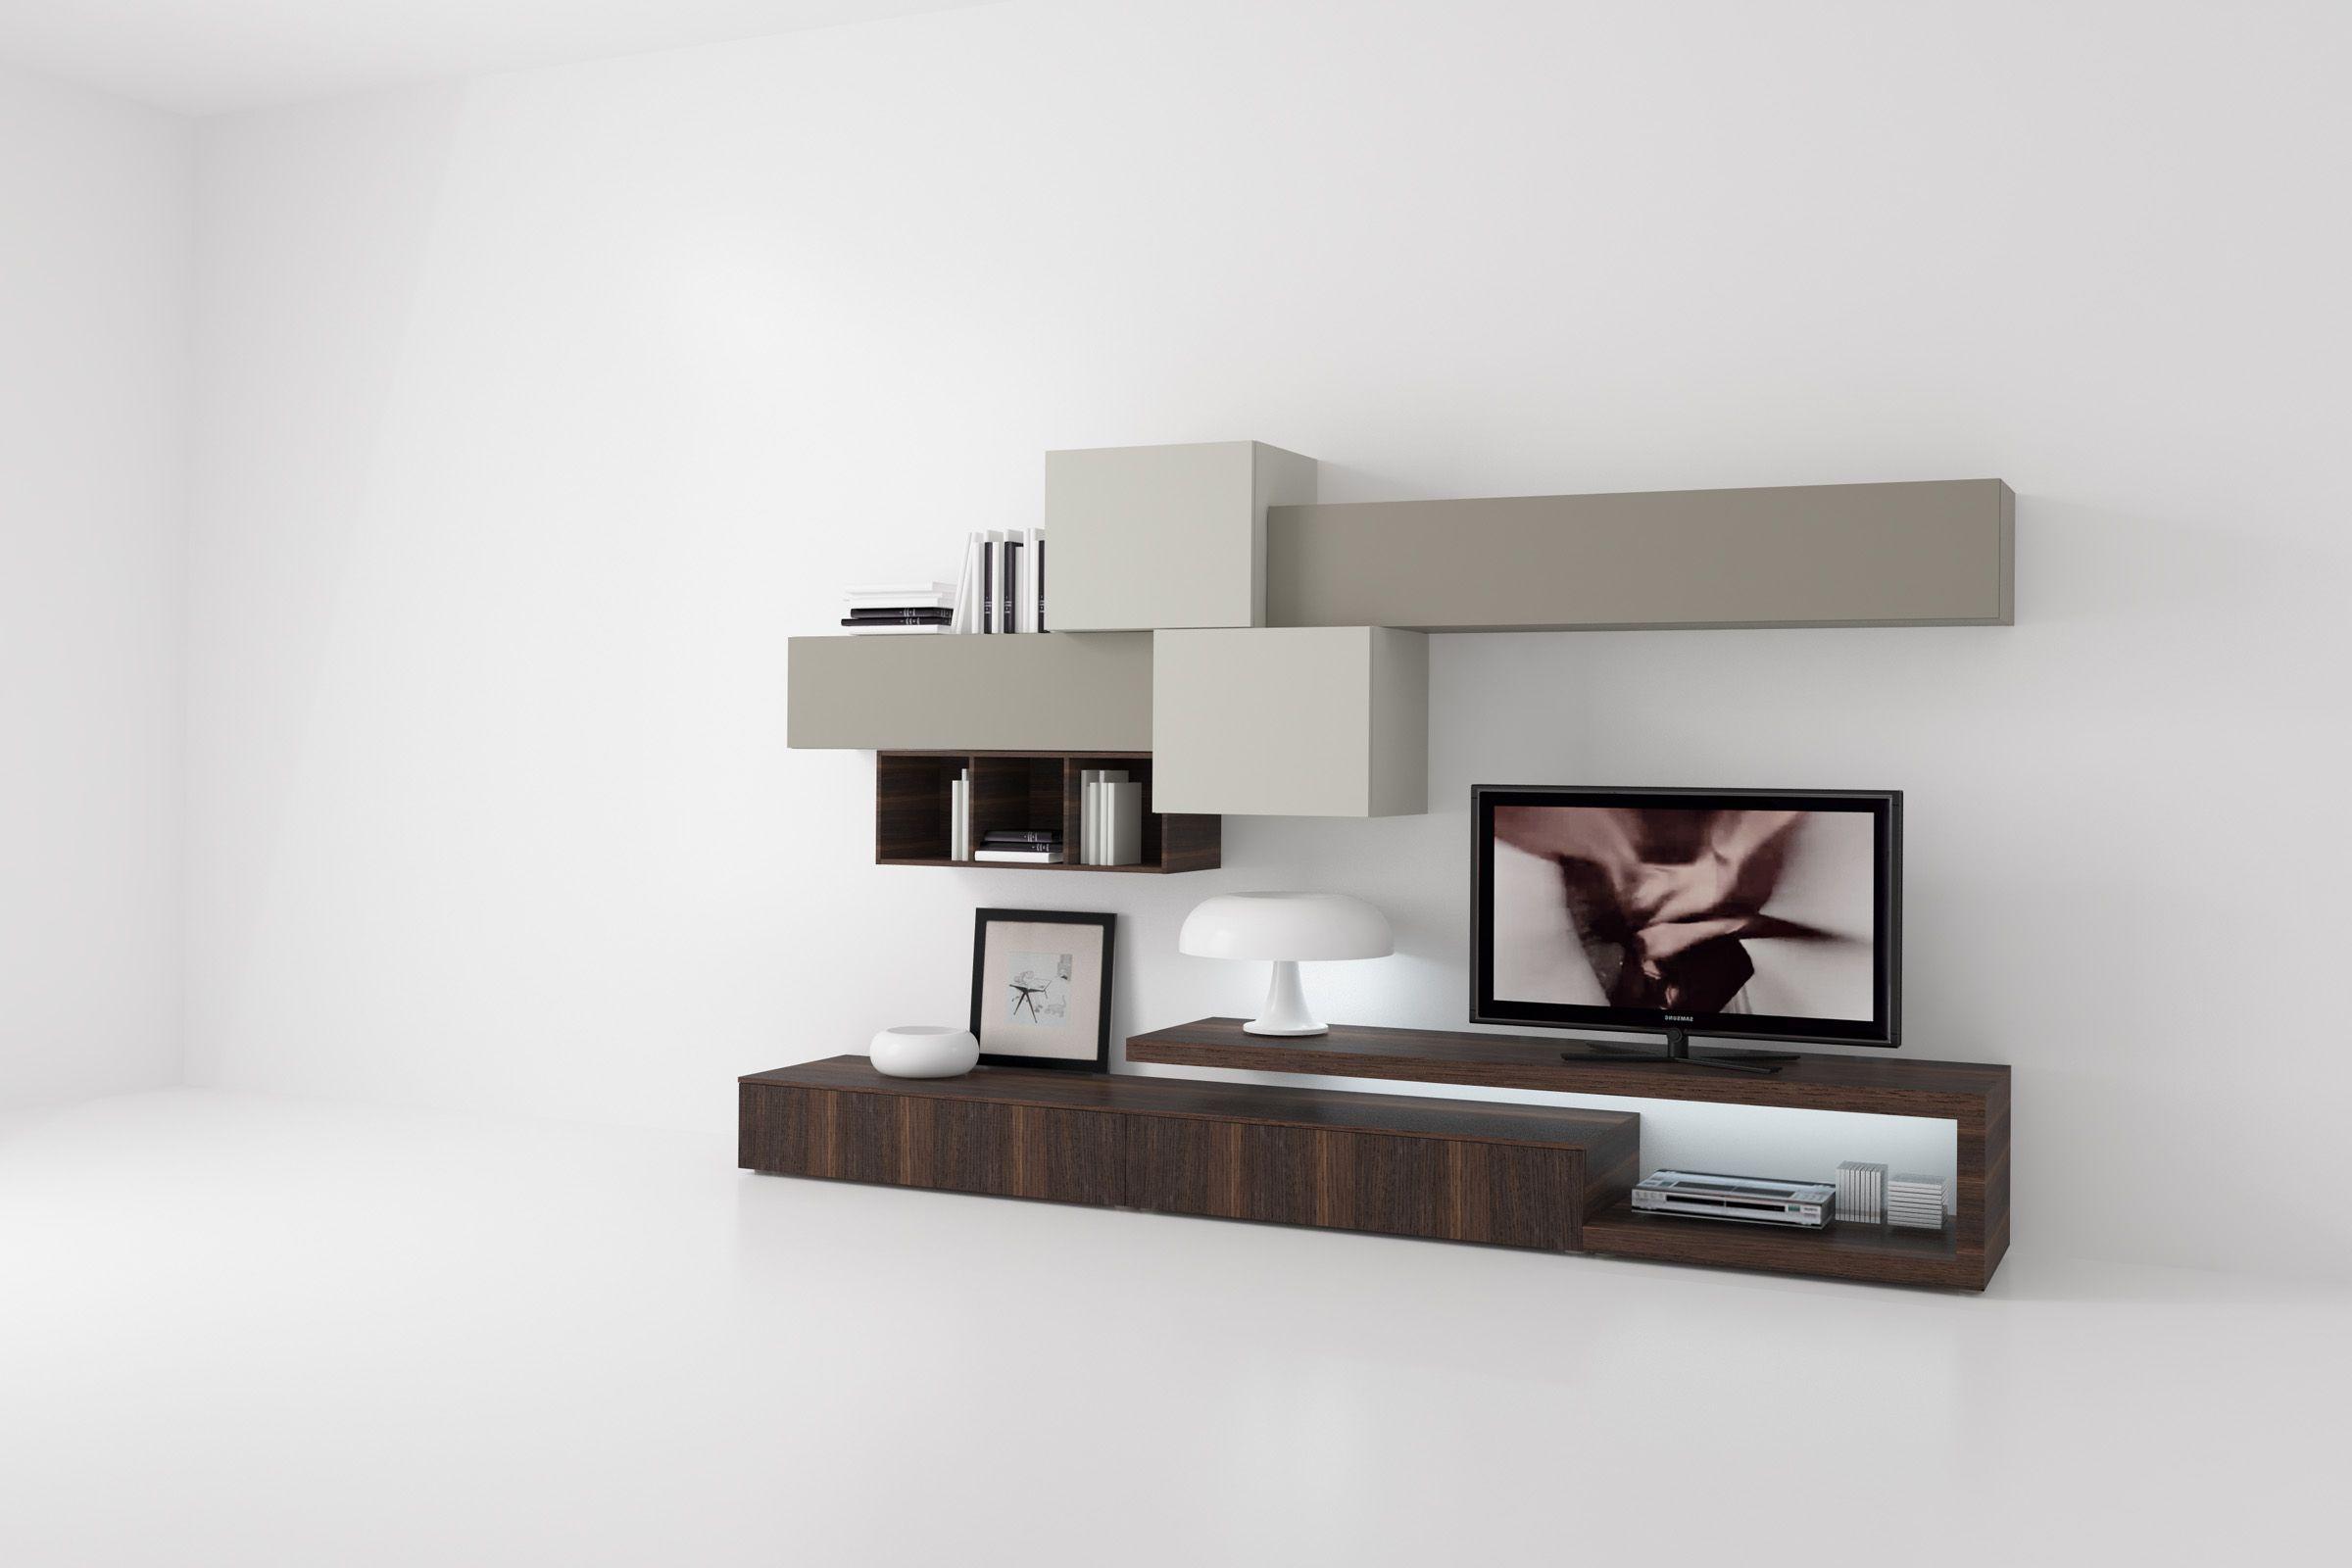 Best Soggiorni Componibili Moderni Ideas - House Design Ideas 2018 ...